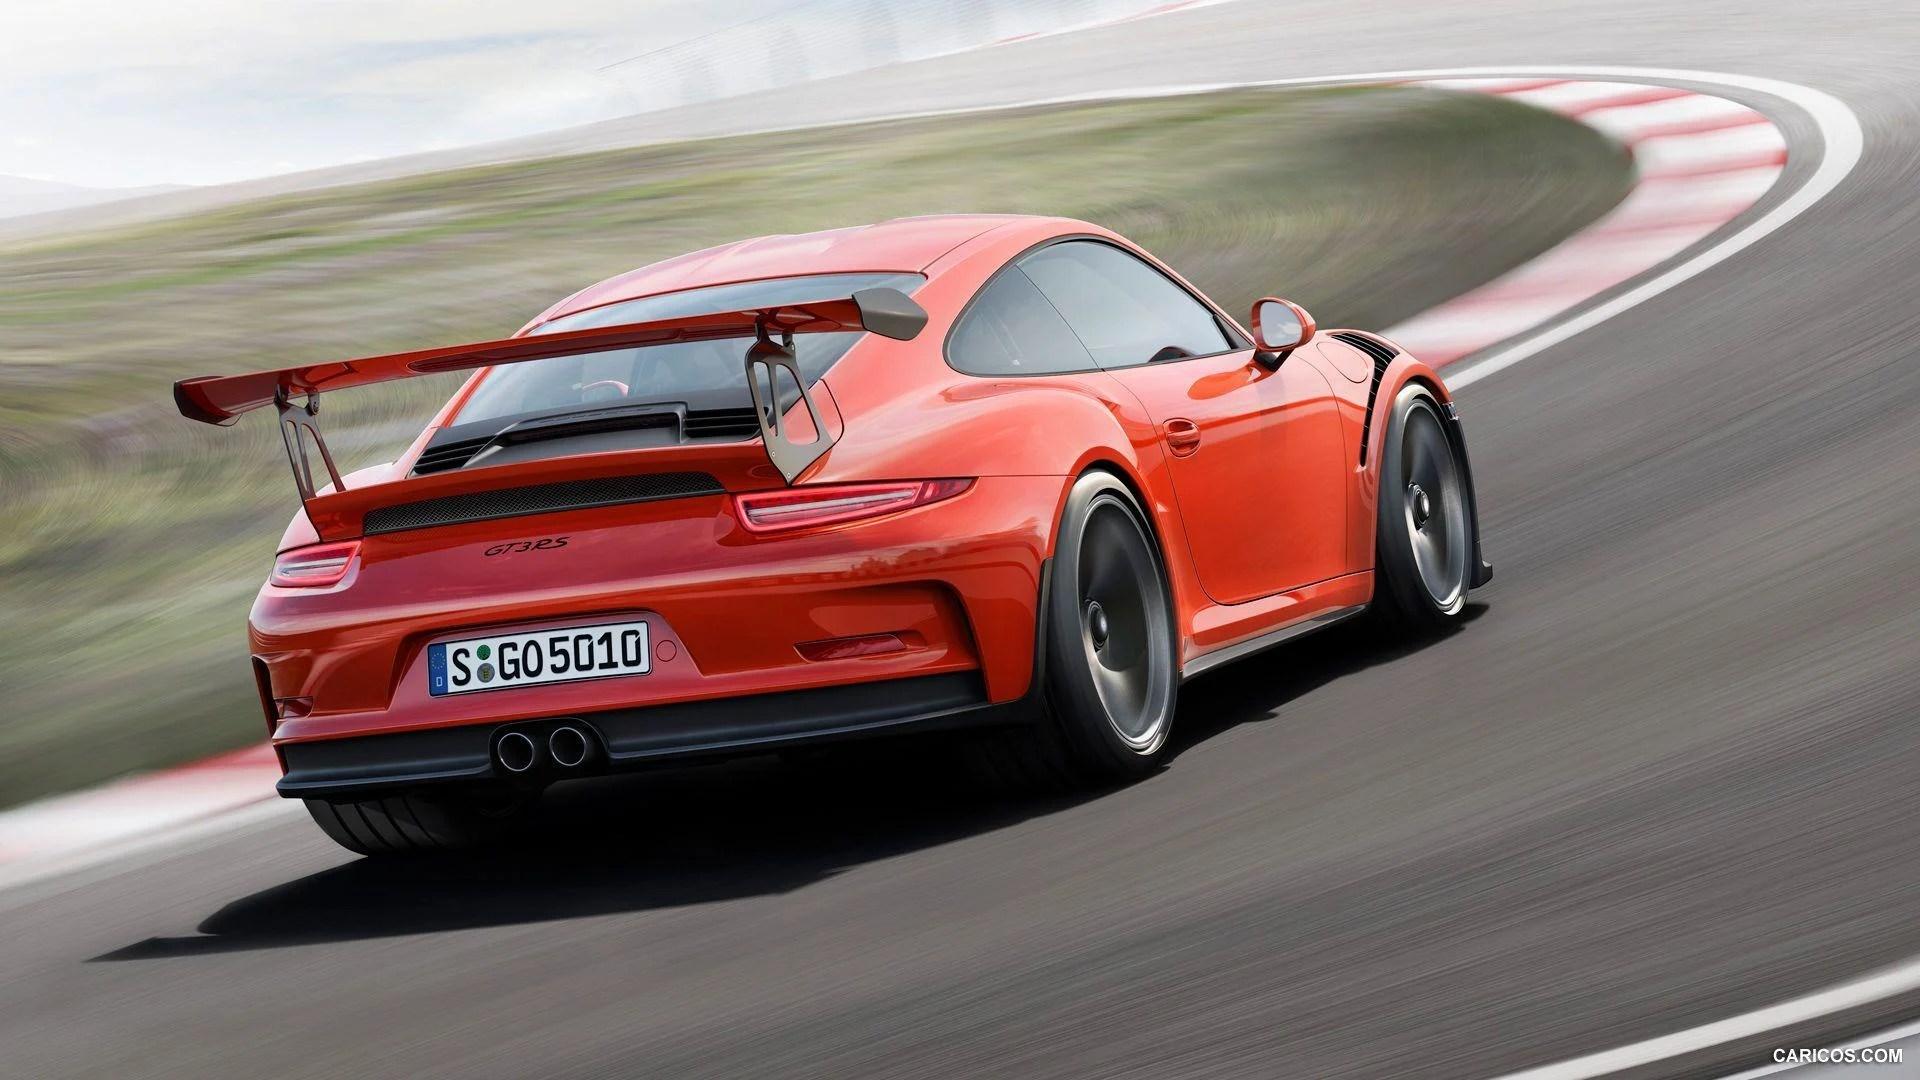 Porsche Gt3 Rs Wallpapers Top Free Porsche Gt3 Rs Backgrounds